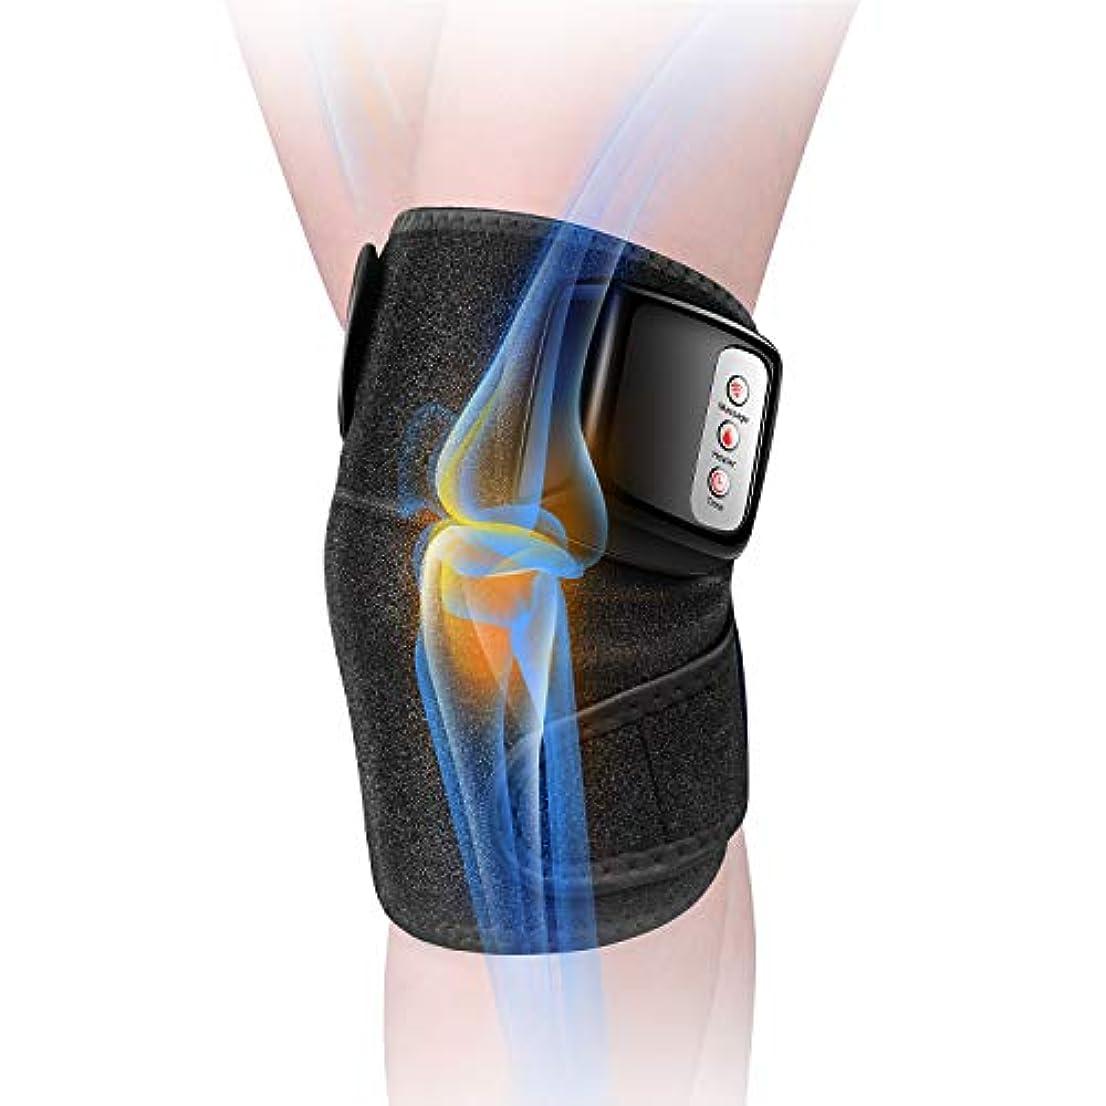 気取らない固める避難する膝マッサージャー 関節マッサージャー マッサージ器 フットマッサージャー 振動 赤外線療法 温熱療法 膝サポーター ストレス解消 肩 太もも/腕対応